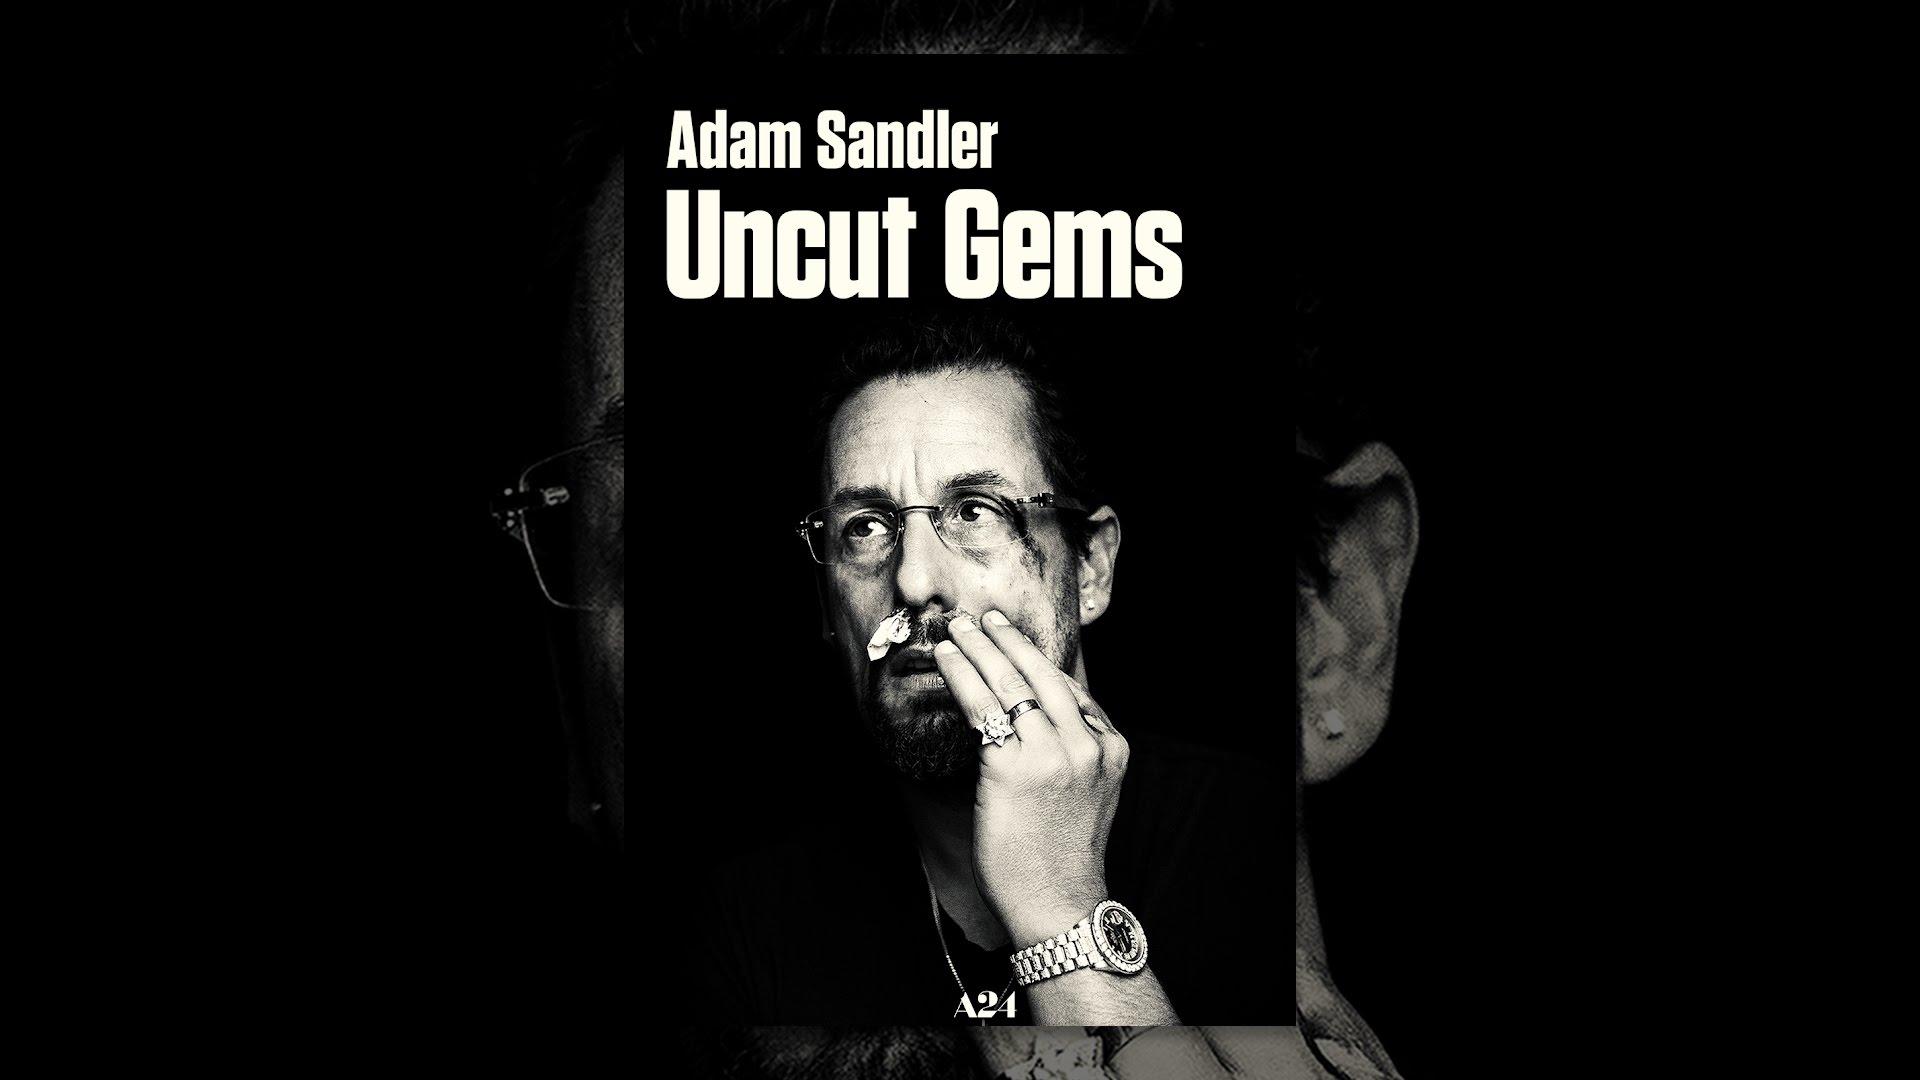 Uncut Gems, one of Adam Sandler's best movies, is now streaming ...